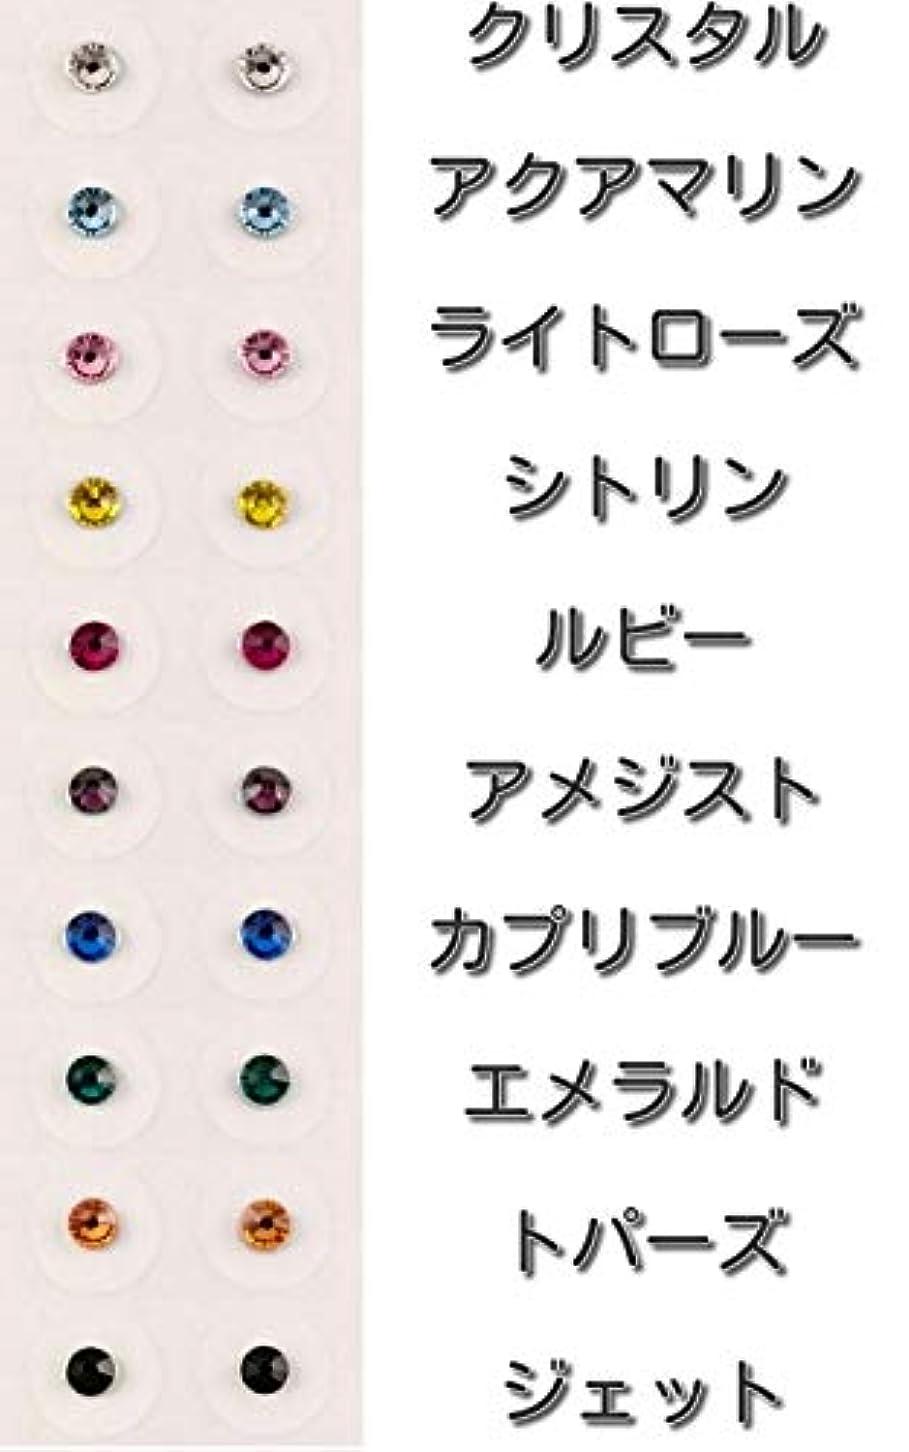 メダルいくつかのウェイド【マルチカラー/ss9/セラミック粒】耳つぼジュエリー20粒